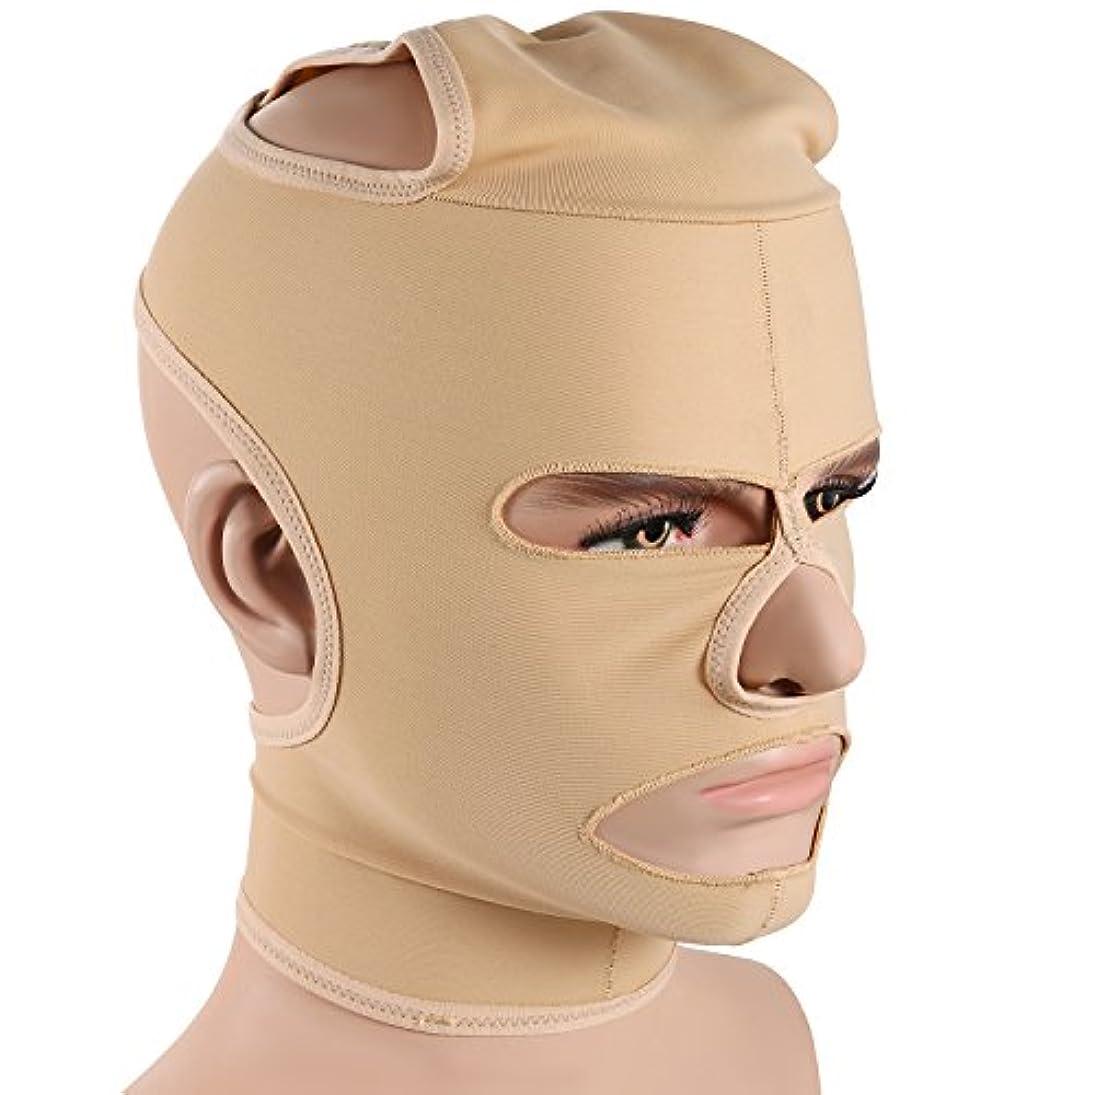 繰り返した聴覚障害者寛解JewelryWe 小顔補正マスク 小顔ベルト 法令線予防 シワ防止 美顔 額、顎下、頬リフトアップ 男女兼用 Mサイズ